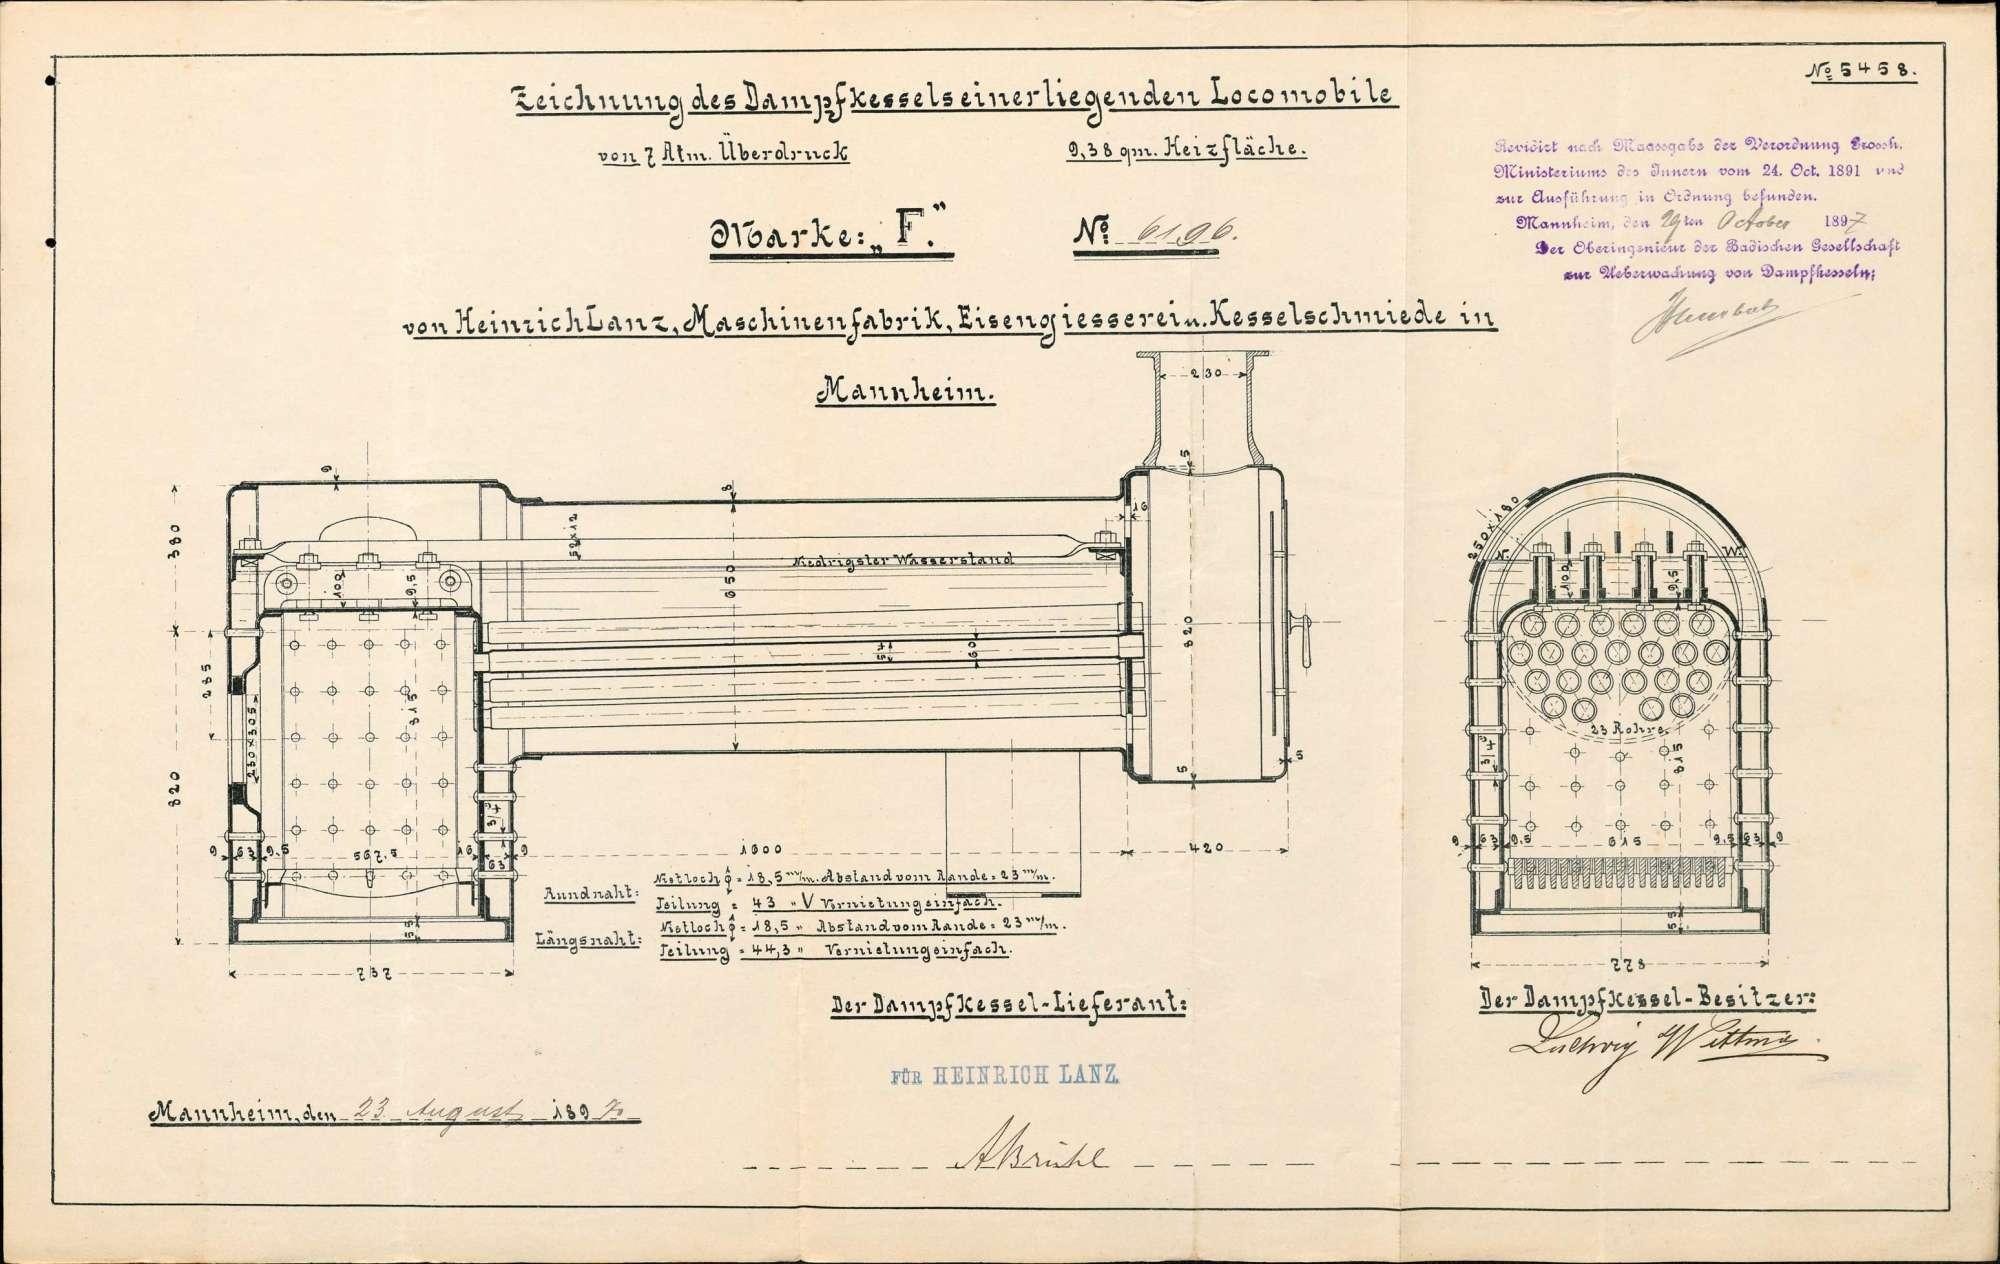 Gesuch des Ludwig Wittmer in Herten um Erlaubnis zur Anlegung bzw. Veränderung eines Dampfkessels, Bild 2